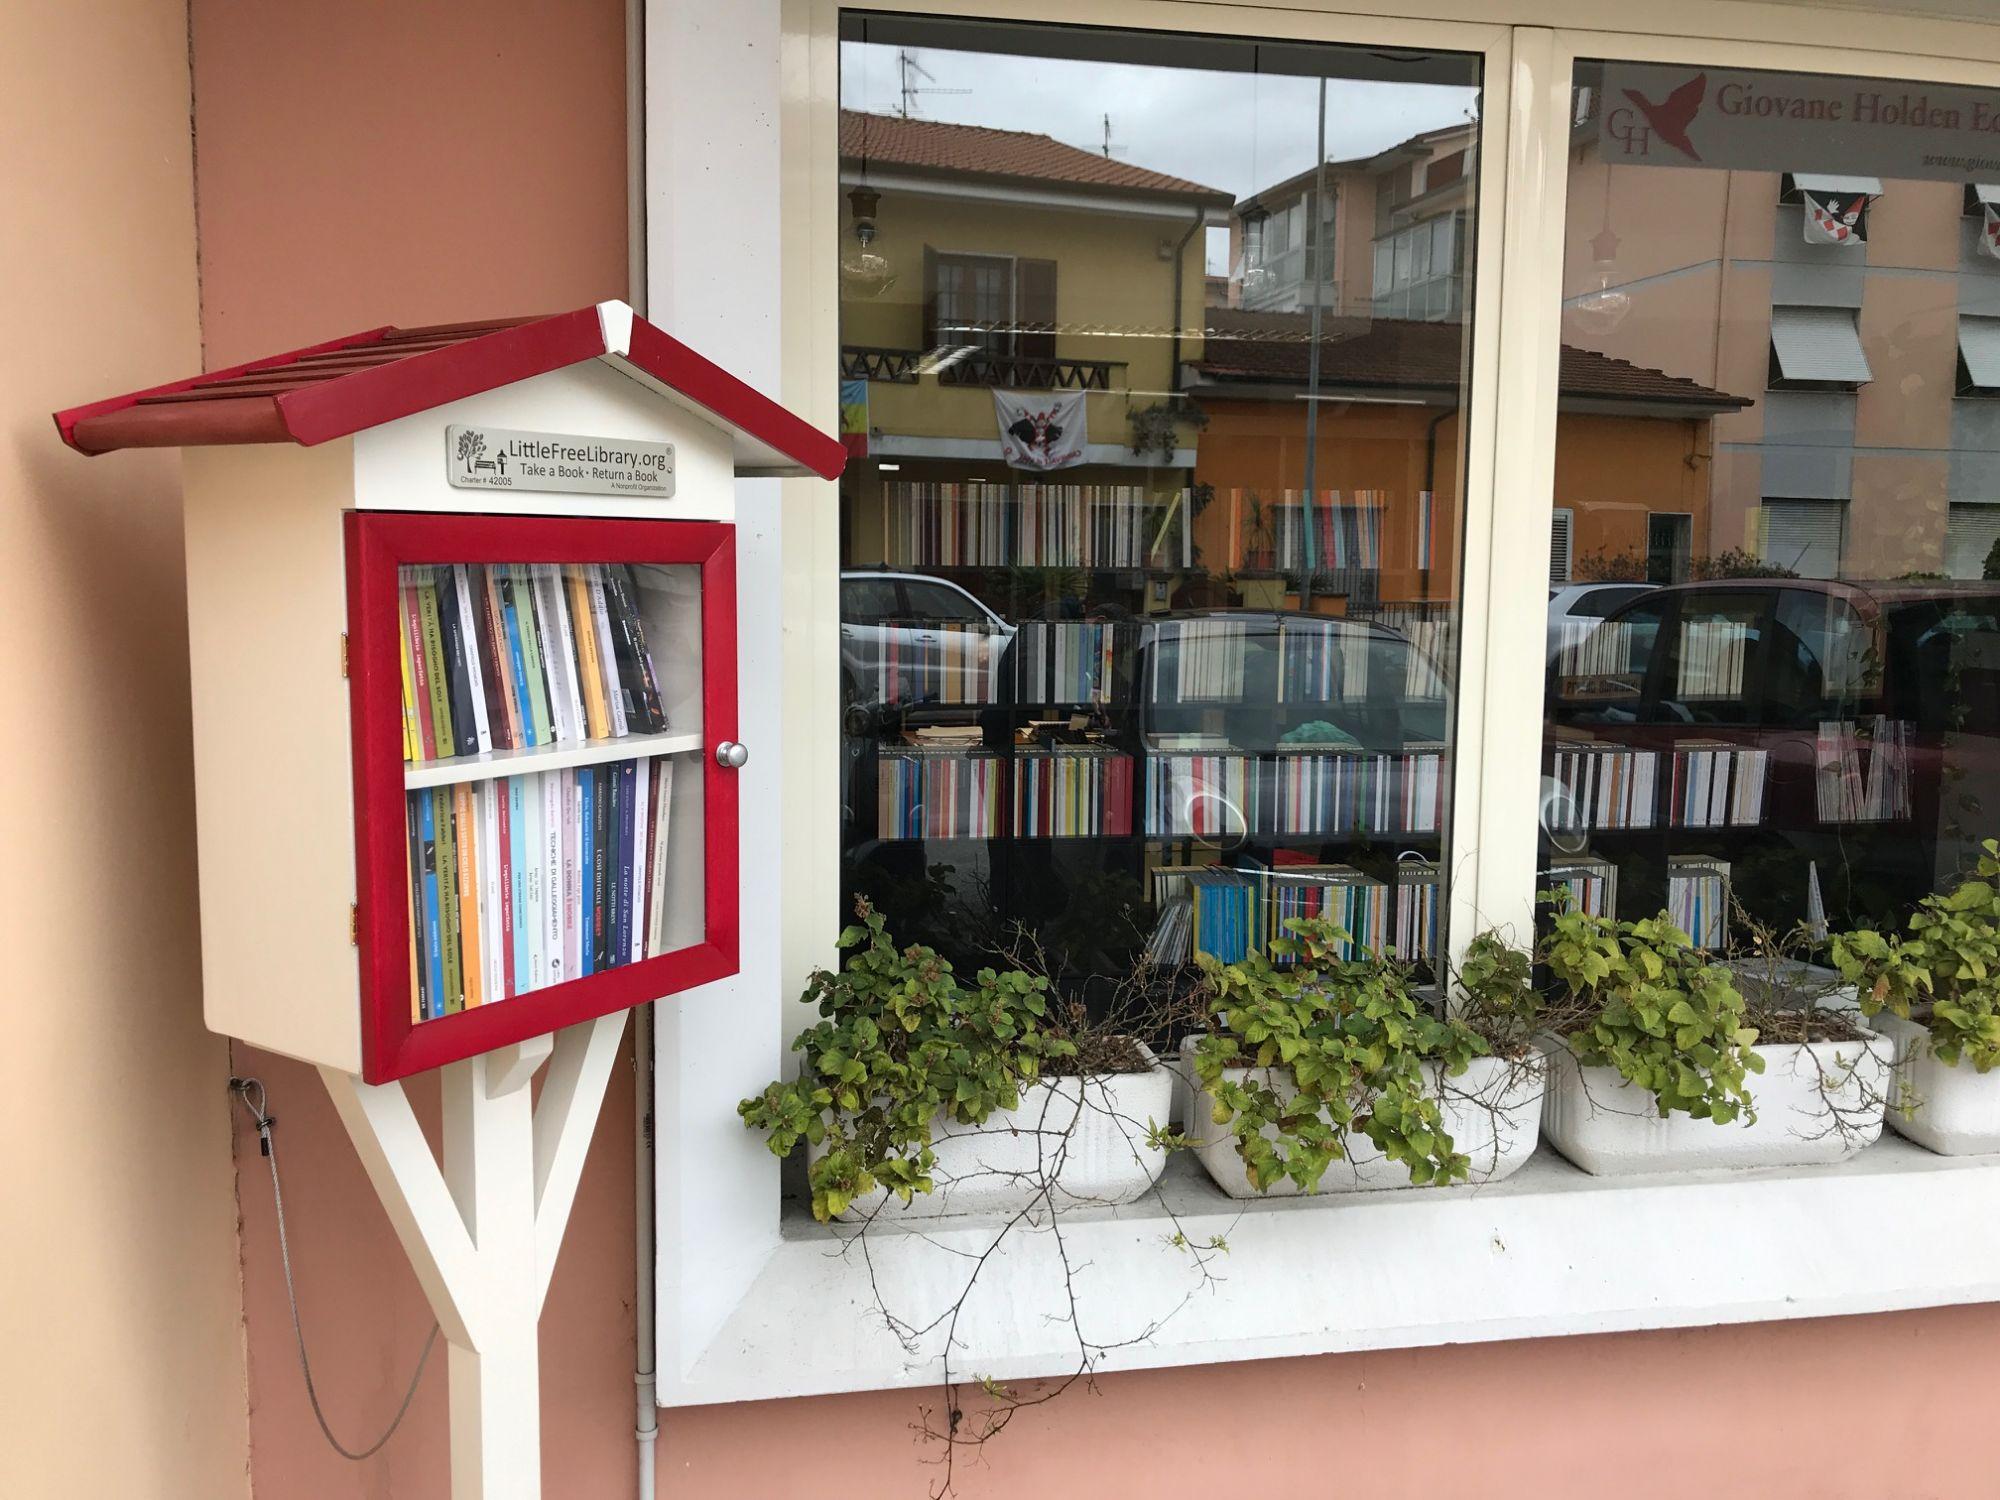 """Viareggio nella mappa mondiale delle """"Little Free Library"""" grazie a Giovane Holden Edizioni"""